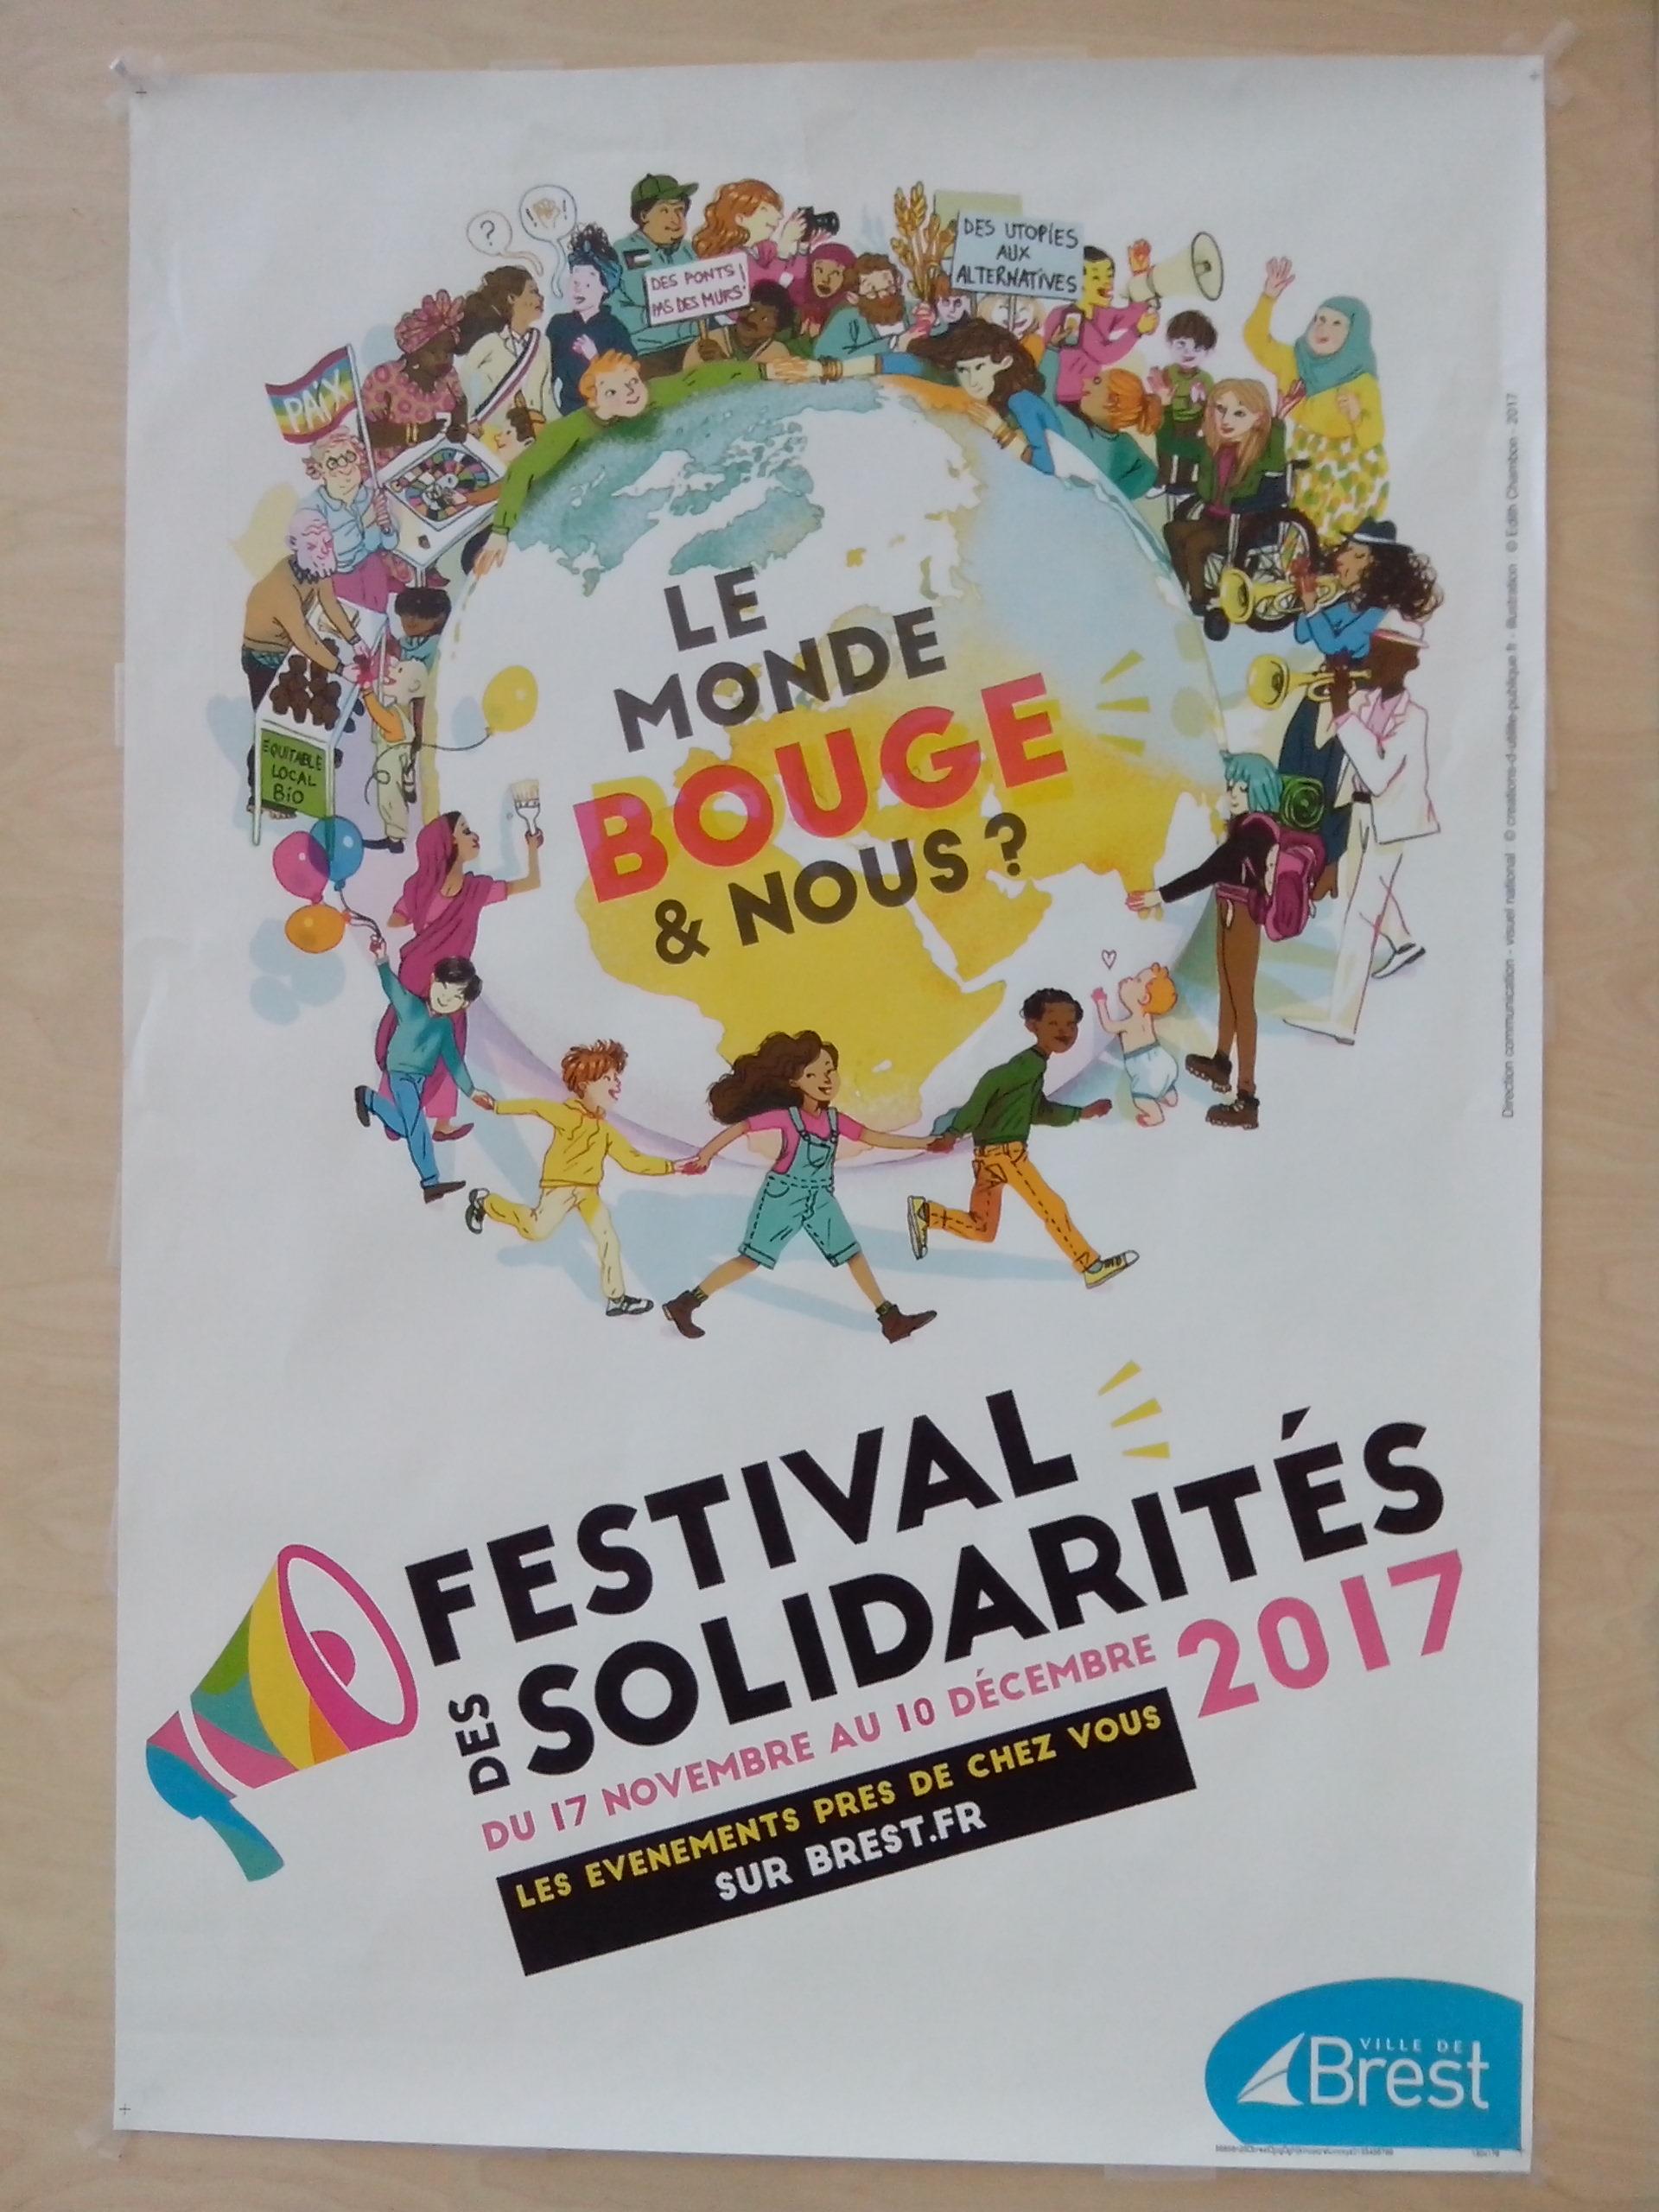 festival des solidarité Brest